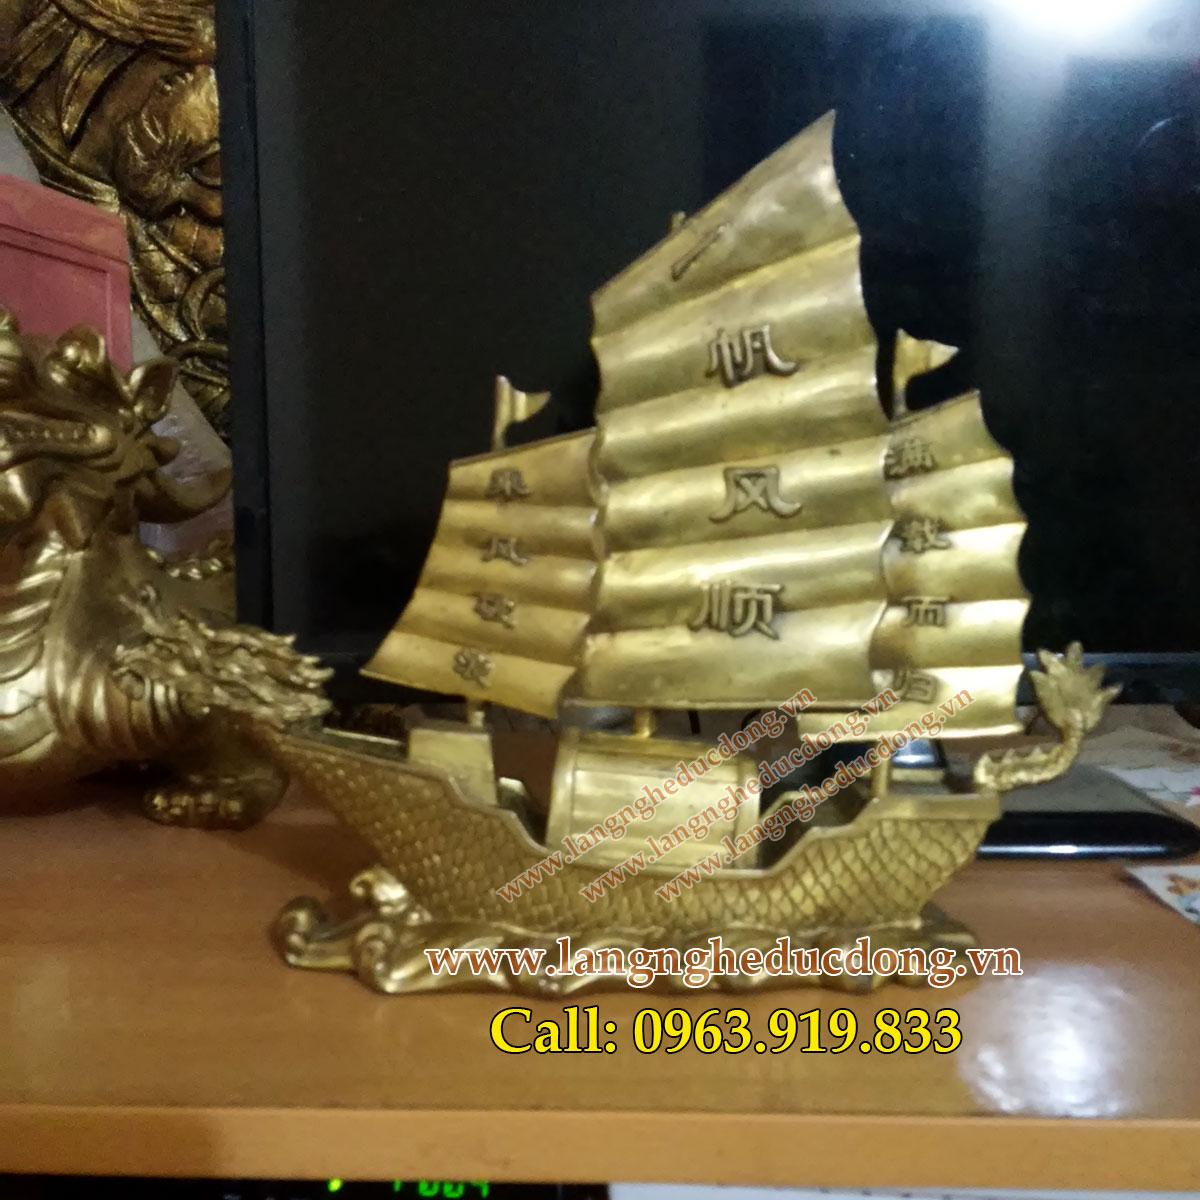 langngheducdong.vn - Thuyền vàng chở tiền phong thủy, thuyền rồng cao 30cm